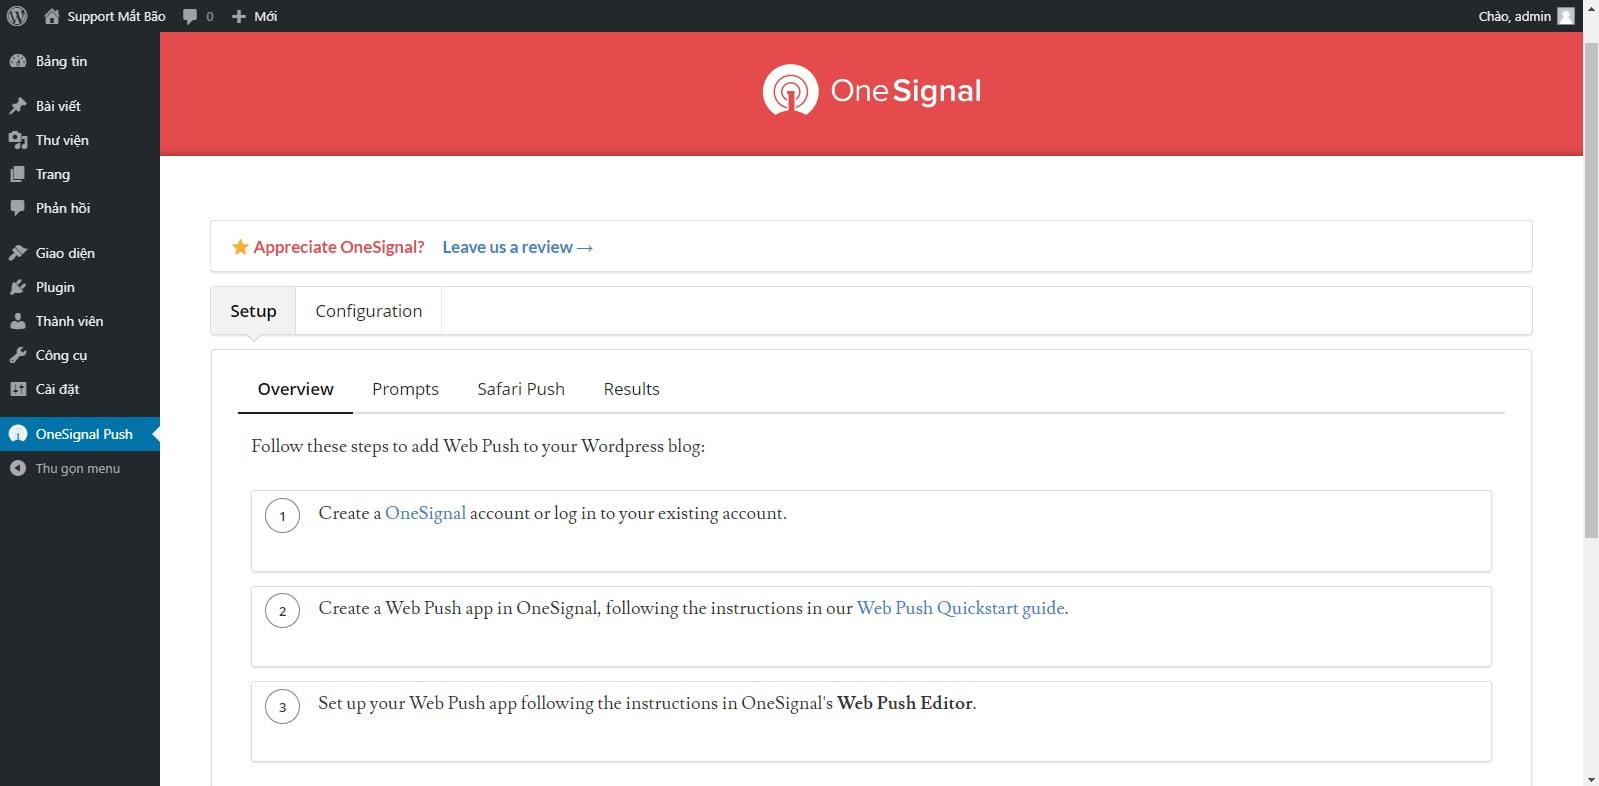 05 - Hướng dẫn cài đặt thông báo đẩy OneSignal cho WordPress từ A tới Z - Trung tâm hỗ trợ kỹ thuật